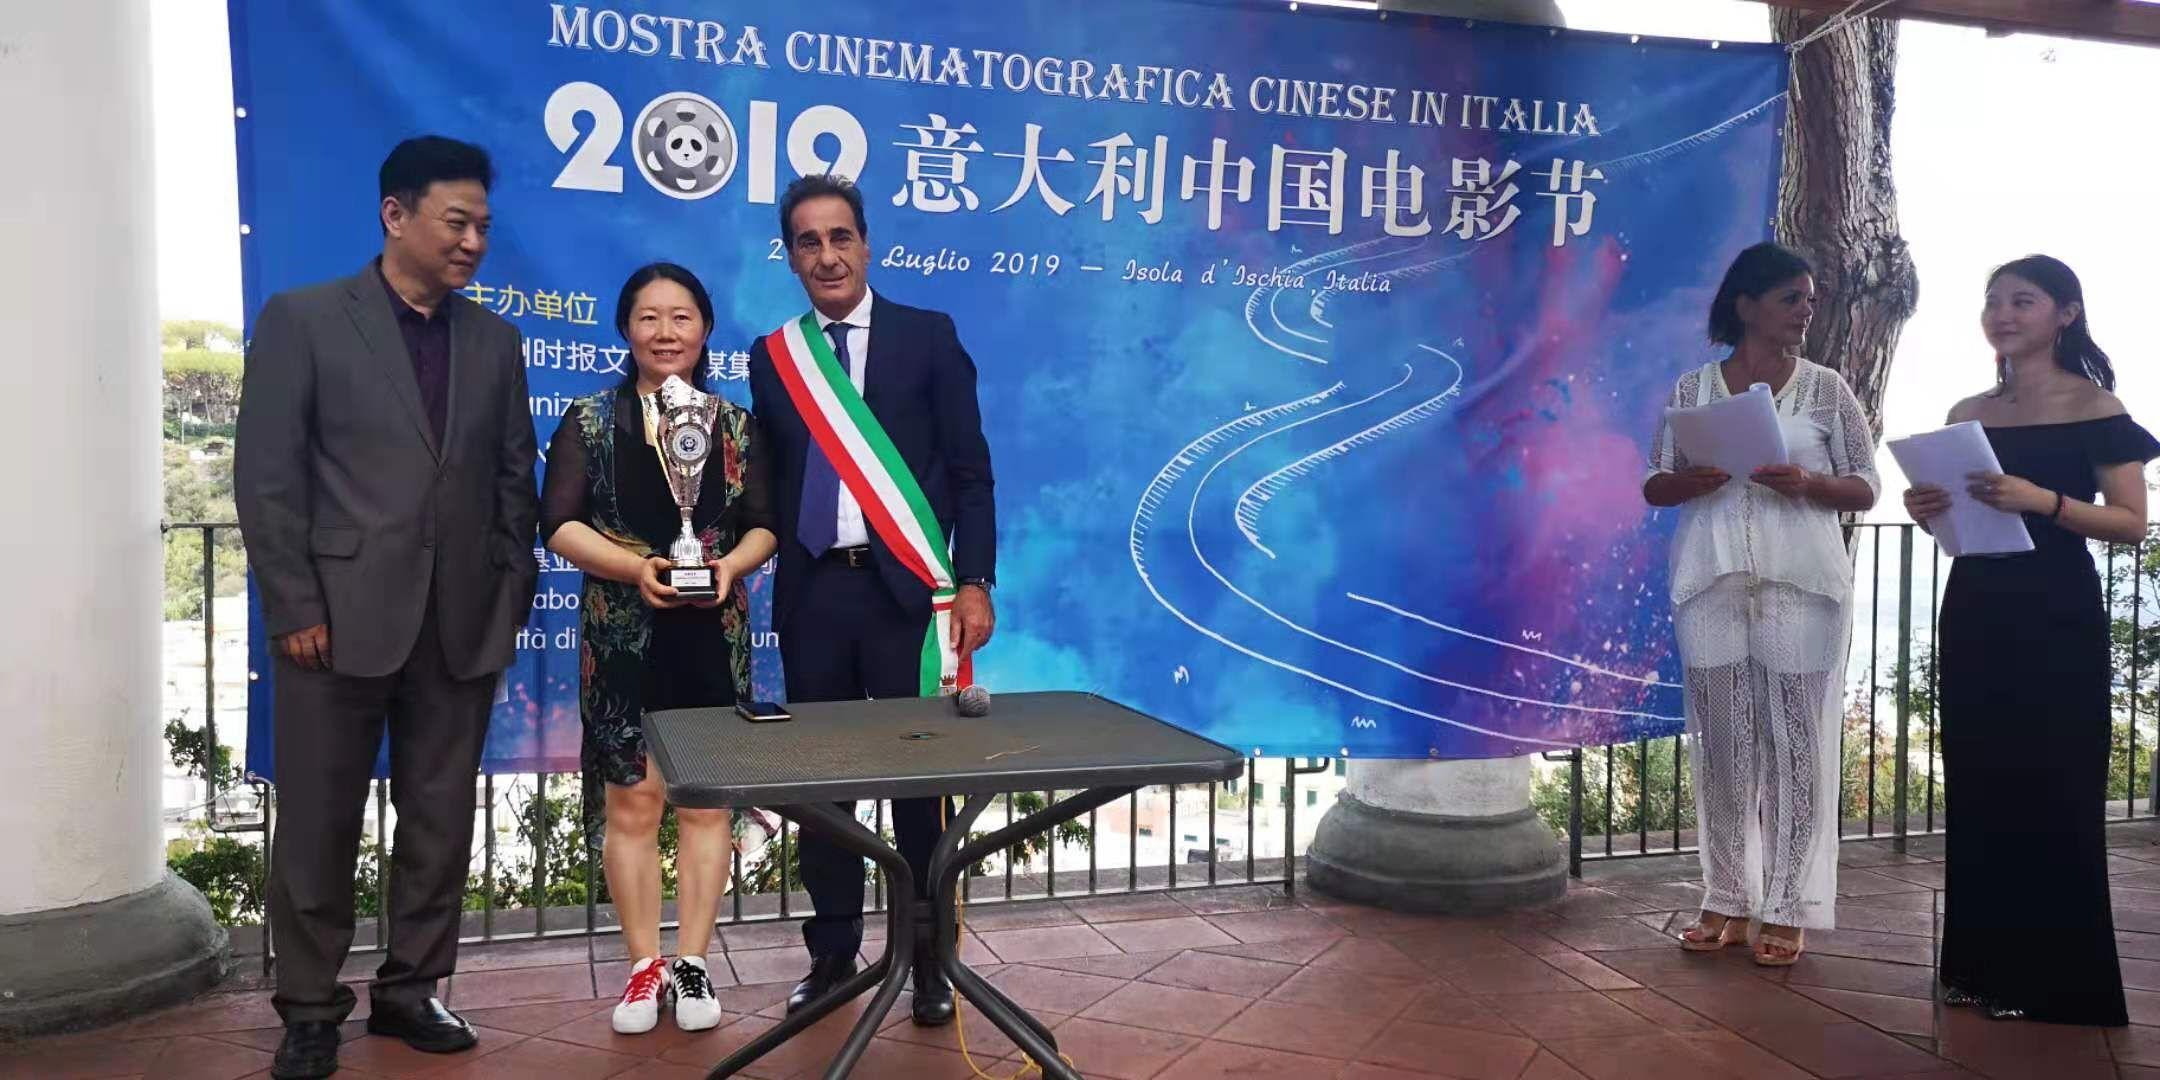 第四屆意大利中國電影節圓滿落幕,《南哥》成最大贏家